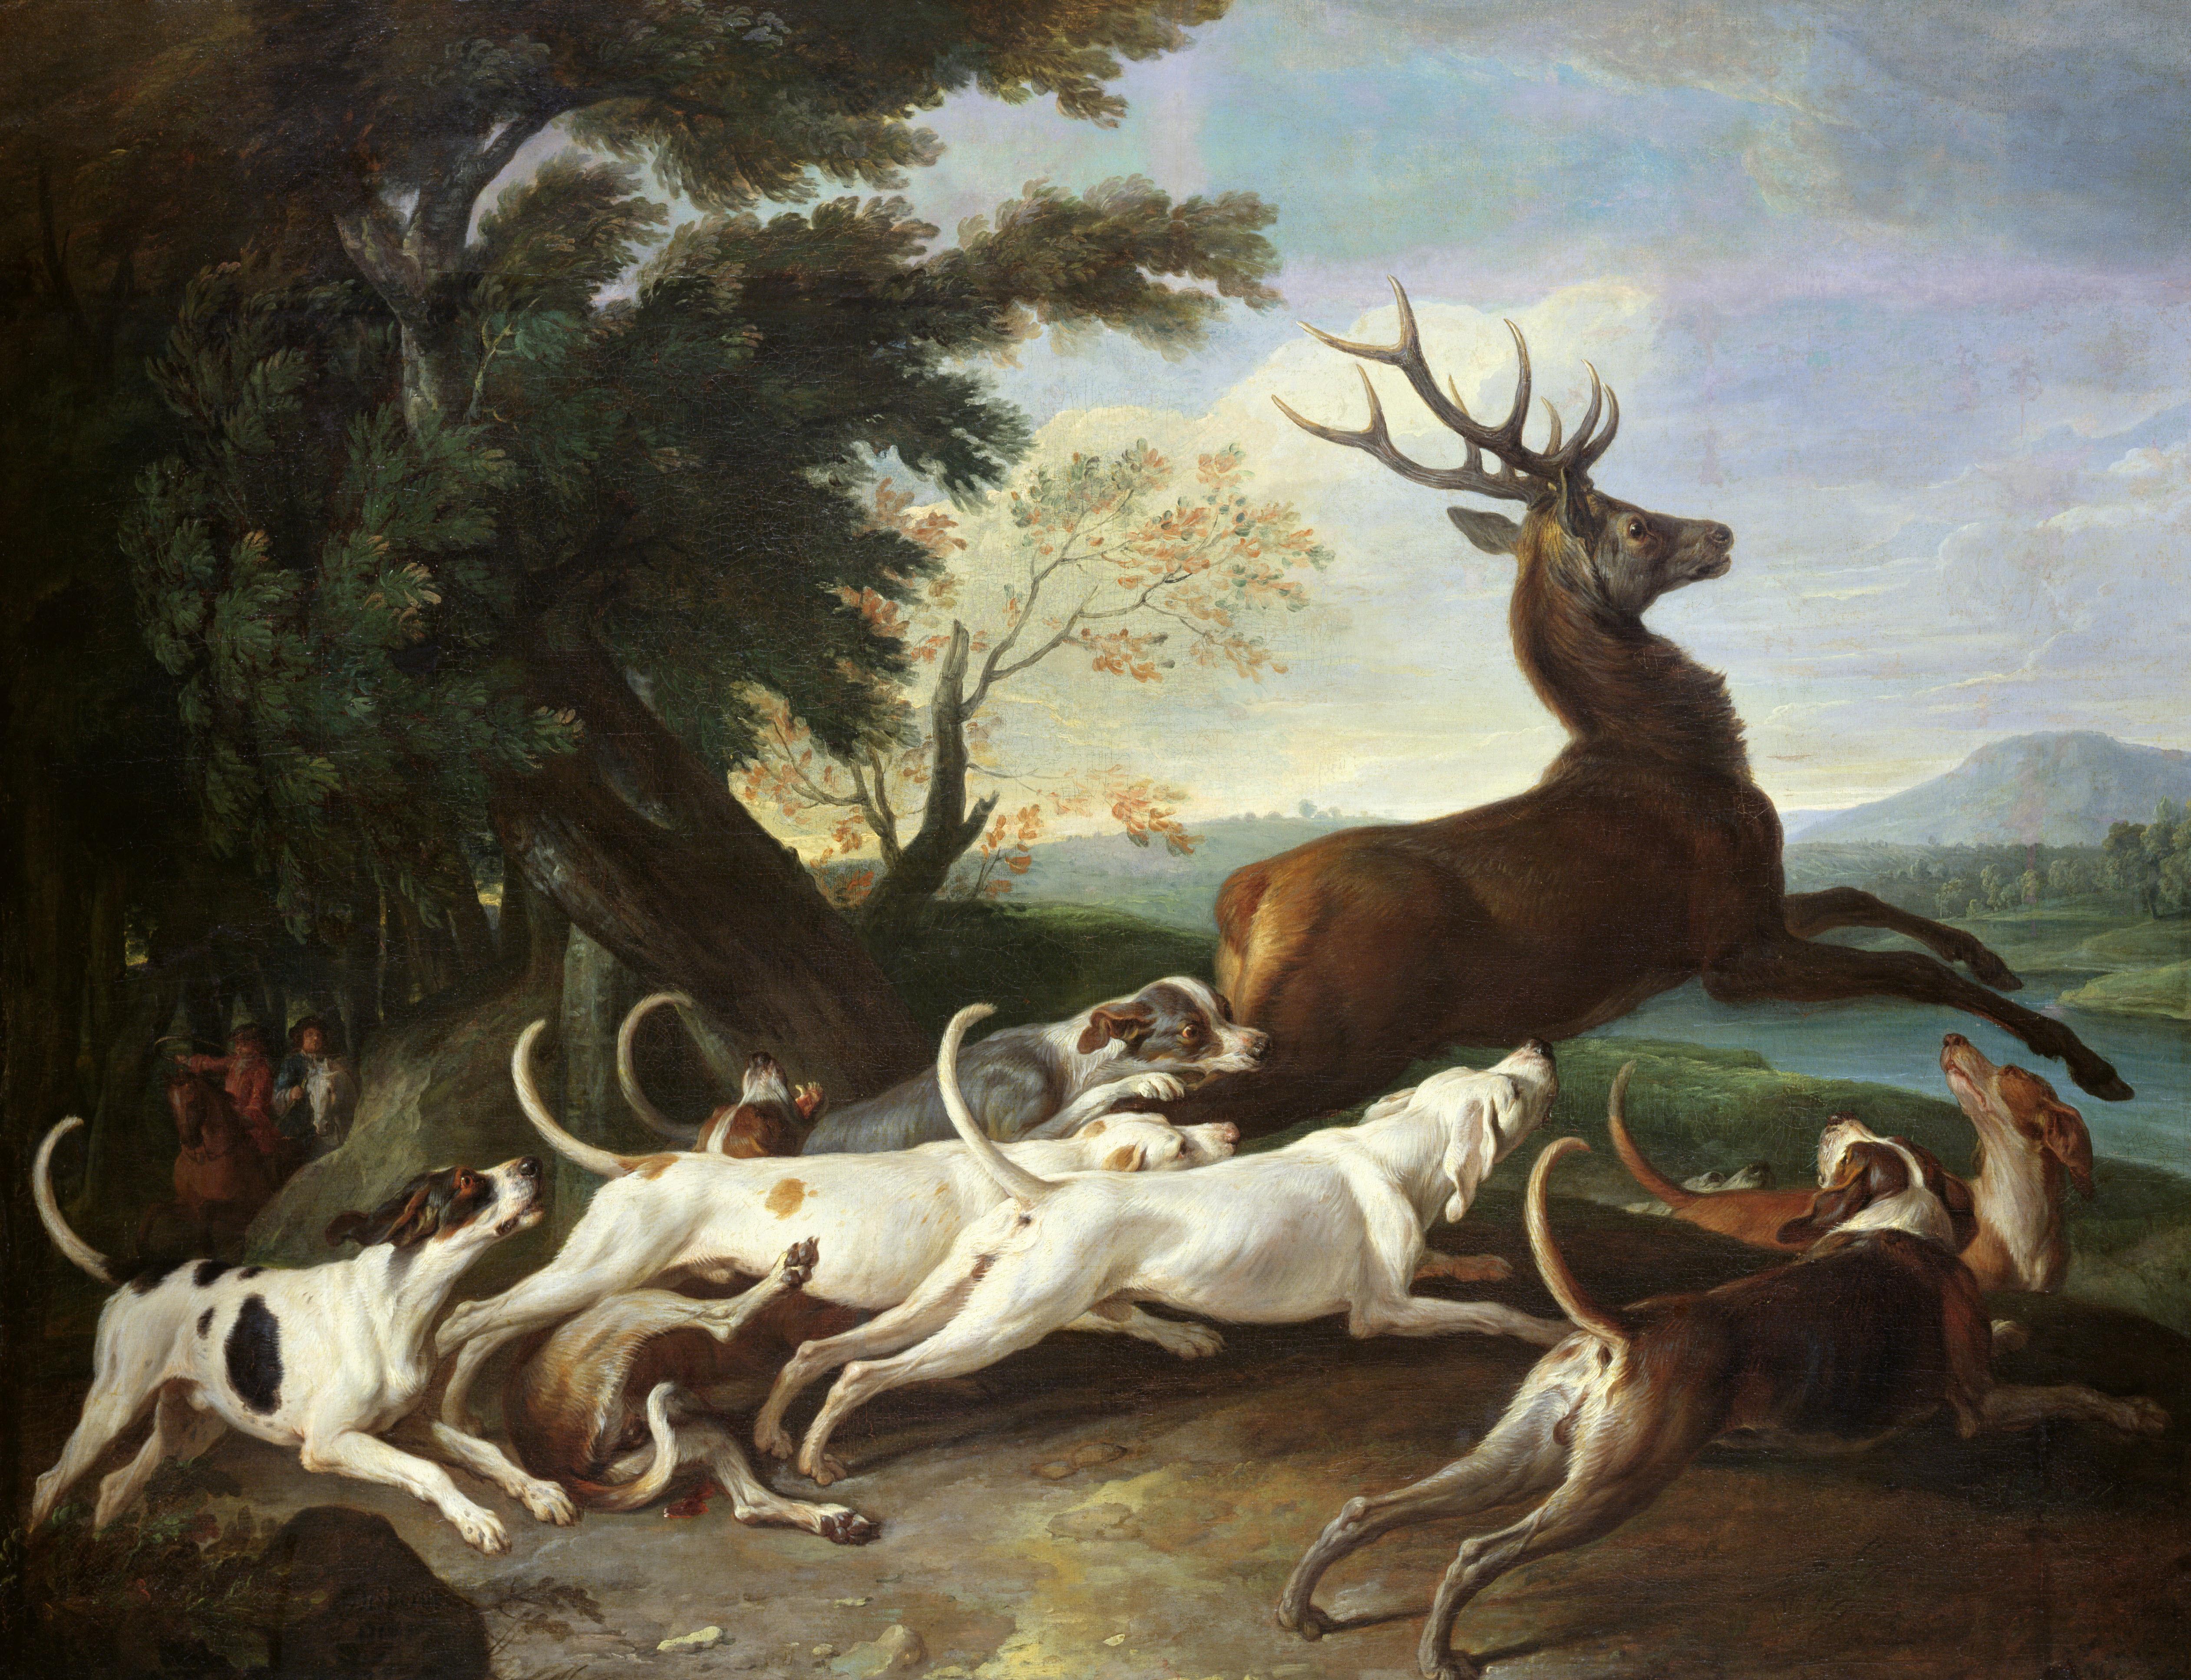 A vadász lelőtt három agarat, az üldözött őz és az orvvadászok elmenekültek